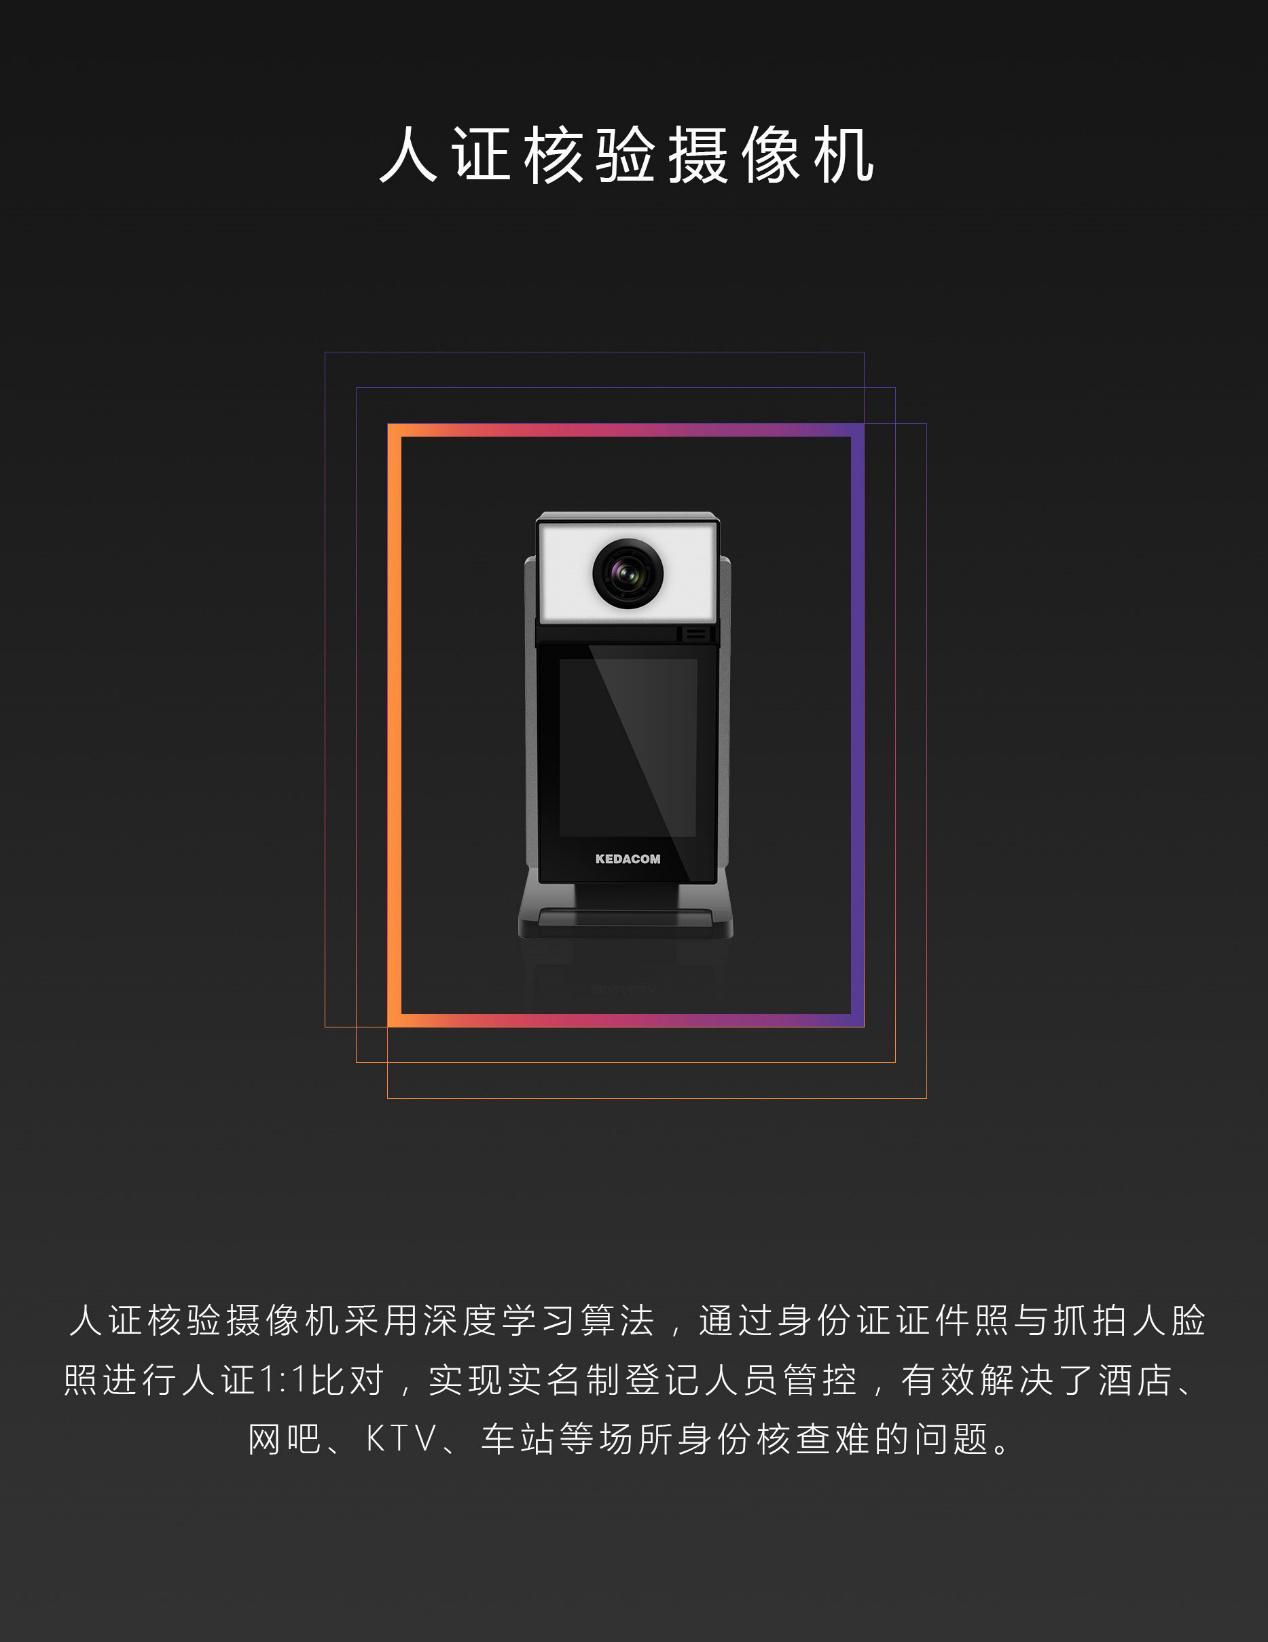 科达人脸核验系列新品正式发布